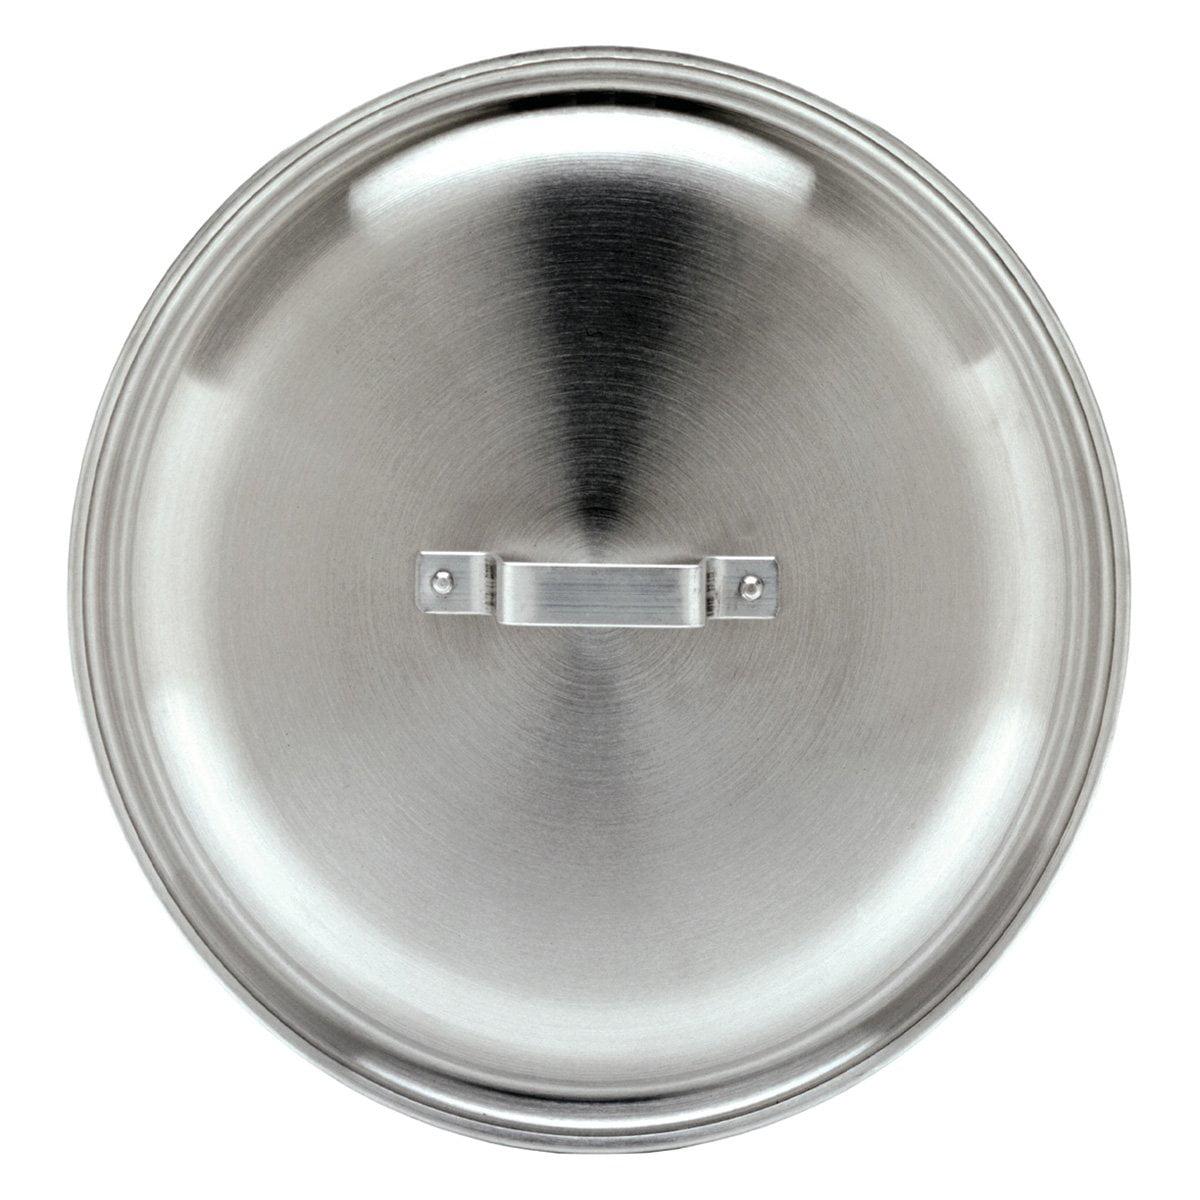 Bayou Classics Aluminum Lids for Jambalaya Pots